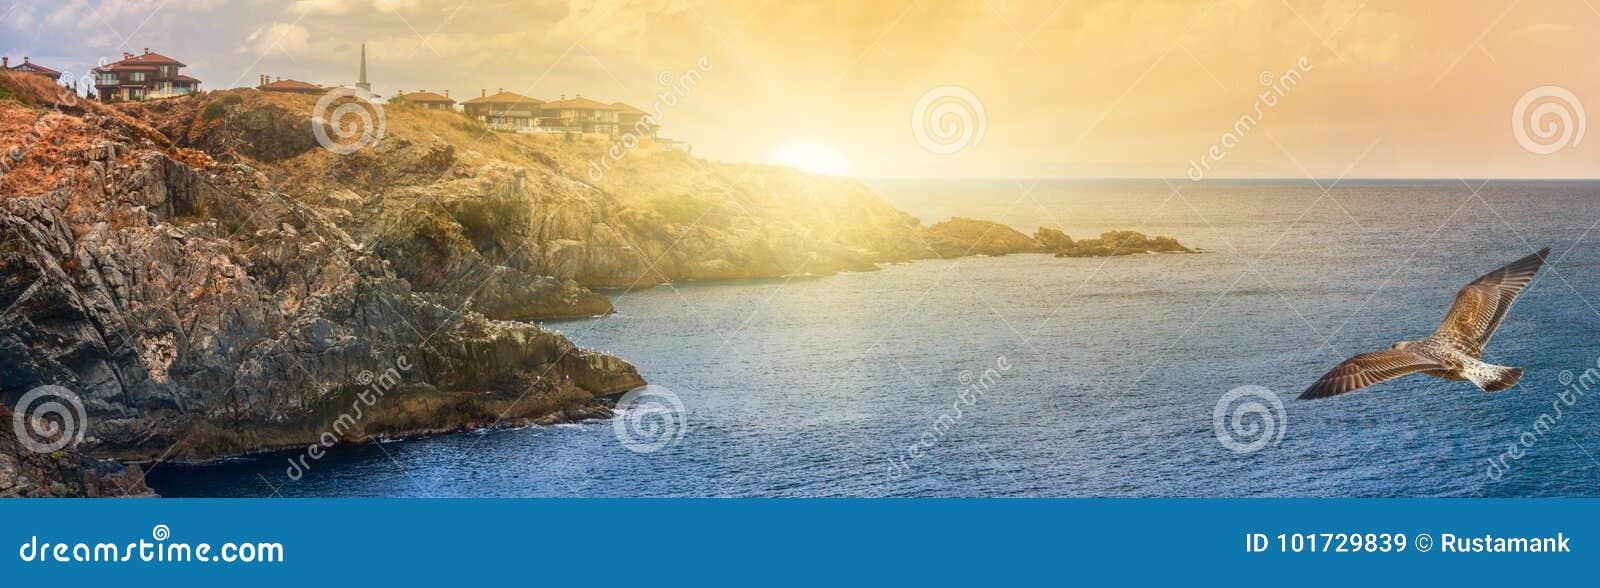 Bandeira litoral da paisagem, panorama - o litoral rochoso com gaivotas e a vila de Sozopolis